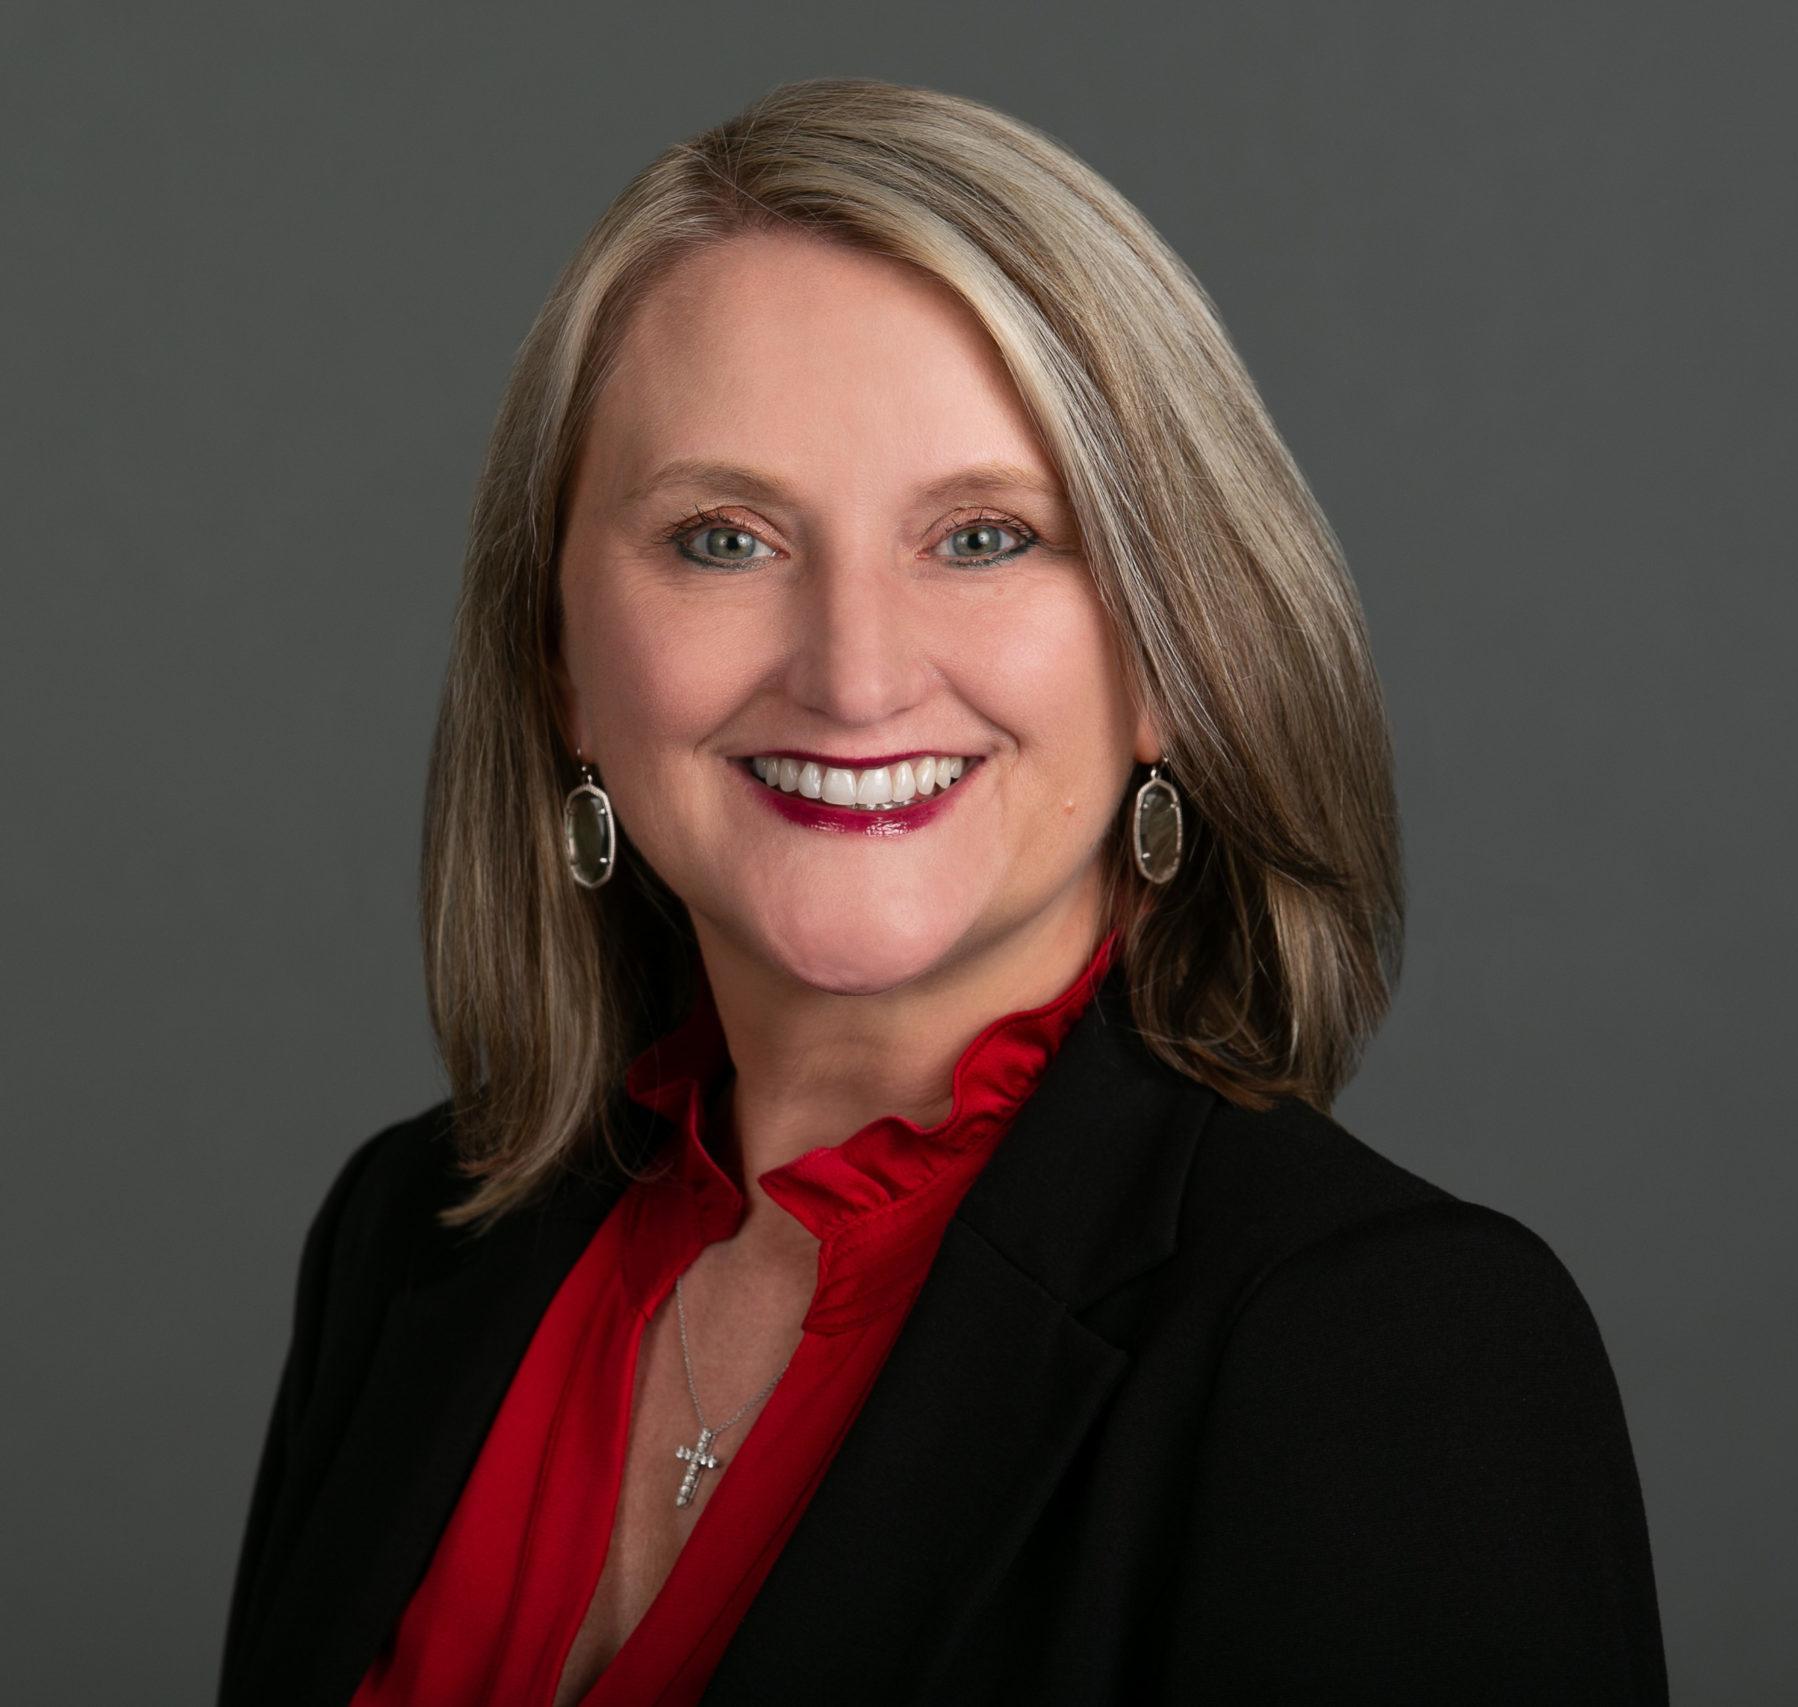 Janet Etlinger headshot